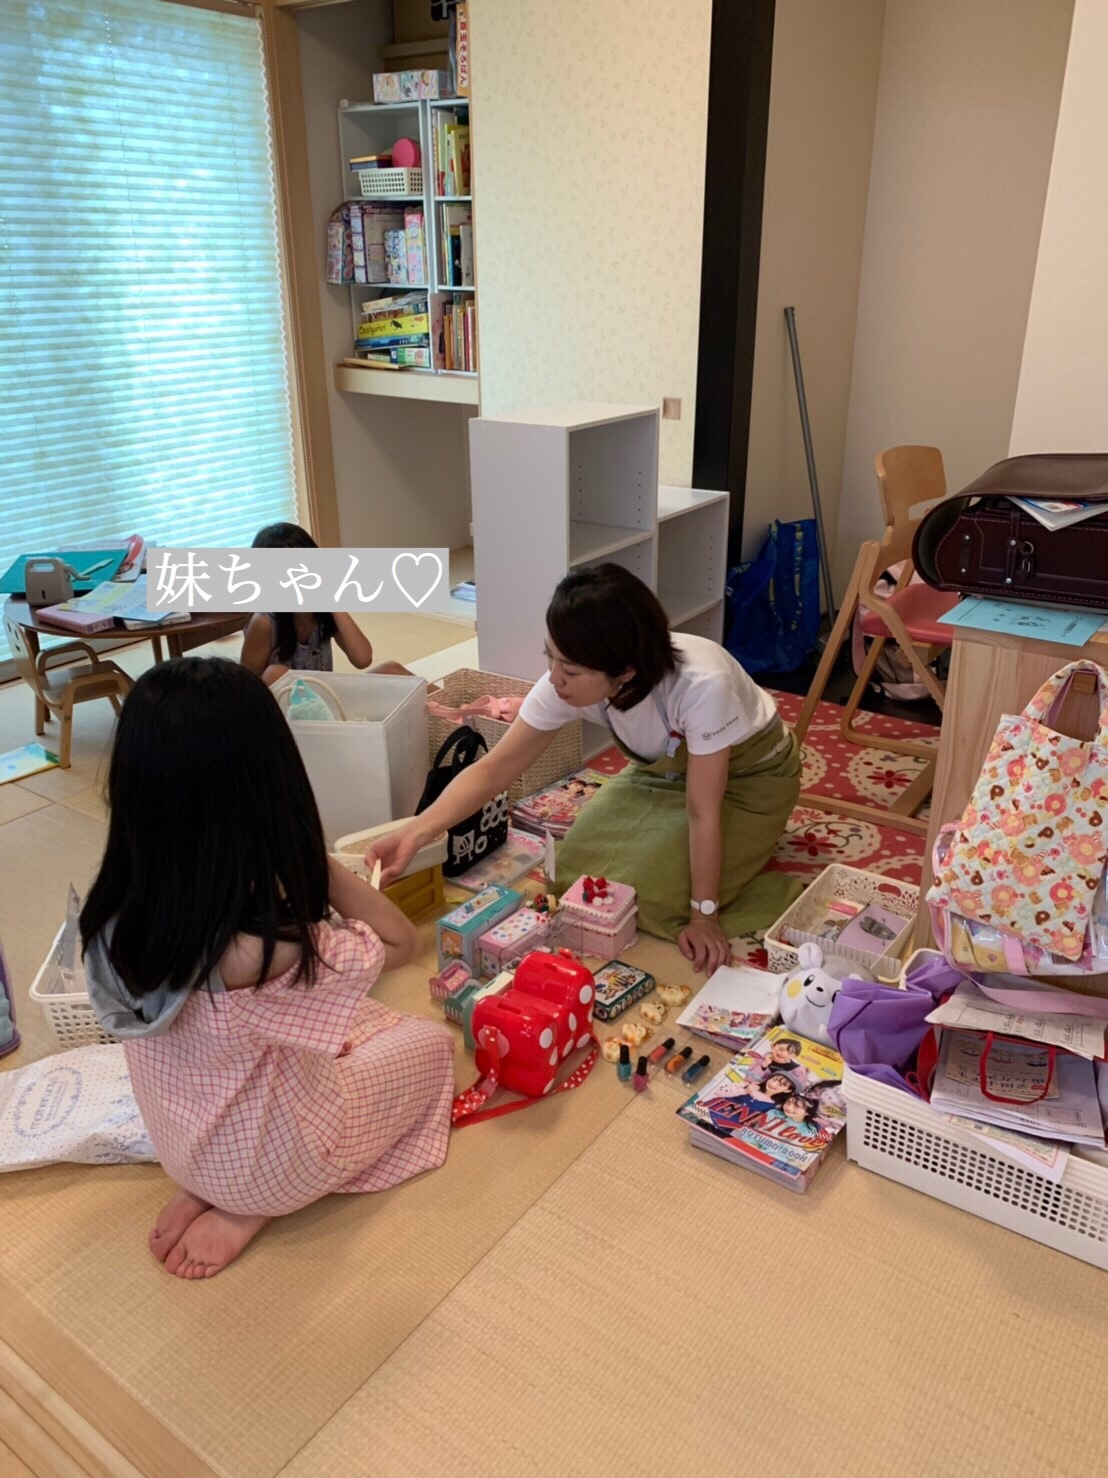 【実作業サービス】お子さんの持っている力を引き出す_e0303386_17383145.jpg